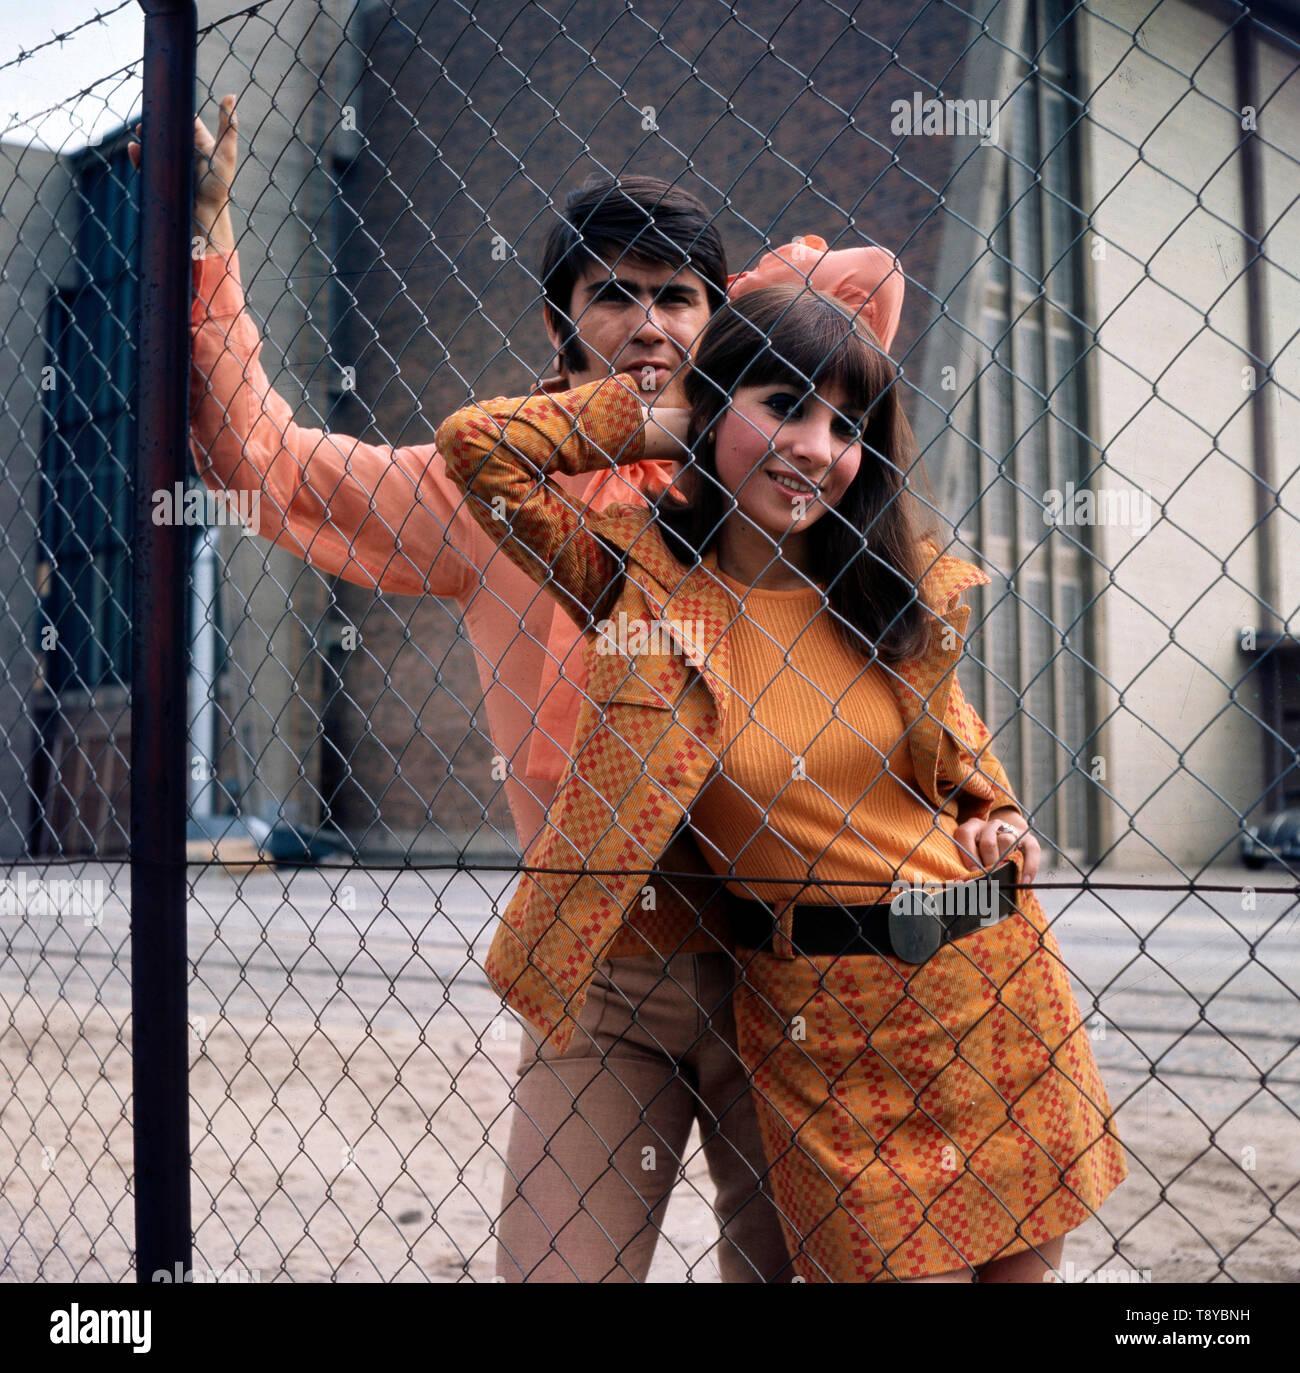 Das Musikerpaar Esther & Abi Ofarim posieren zusammen vor einem Maschendrahtzaun in Berlin, Deutschland 1967. Der Musiker paar Esther & Abi Ofarim zusammen posieren vor einem Maschendrahtzaun in Berlin, Deutschland 1967. Stockfoto